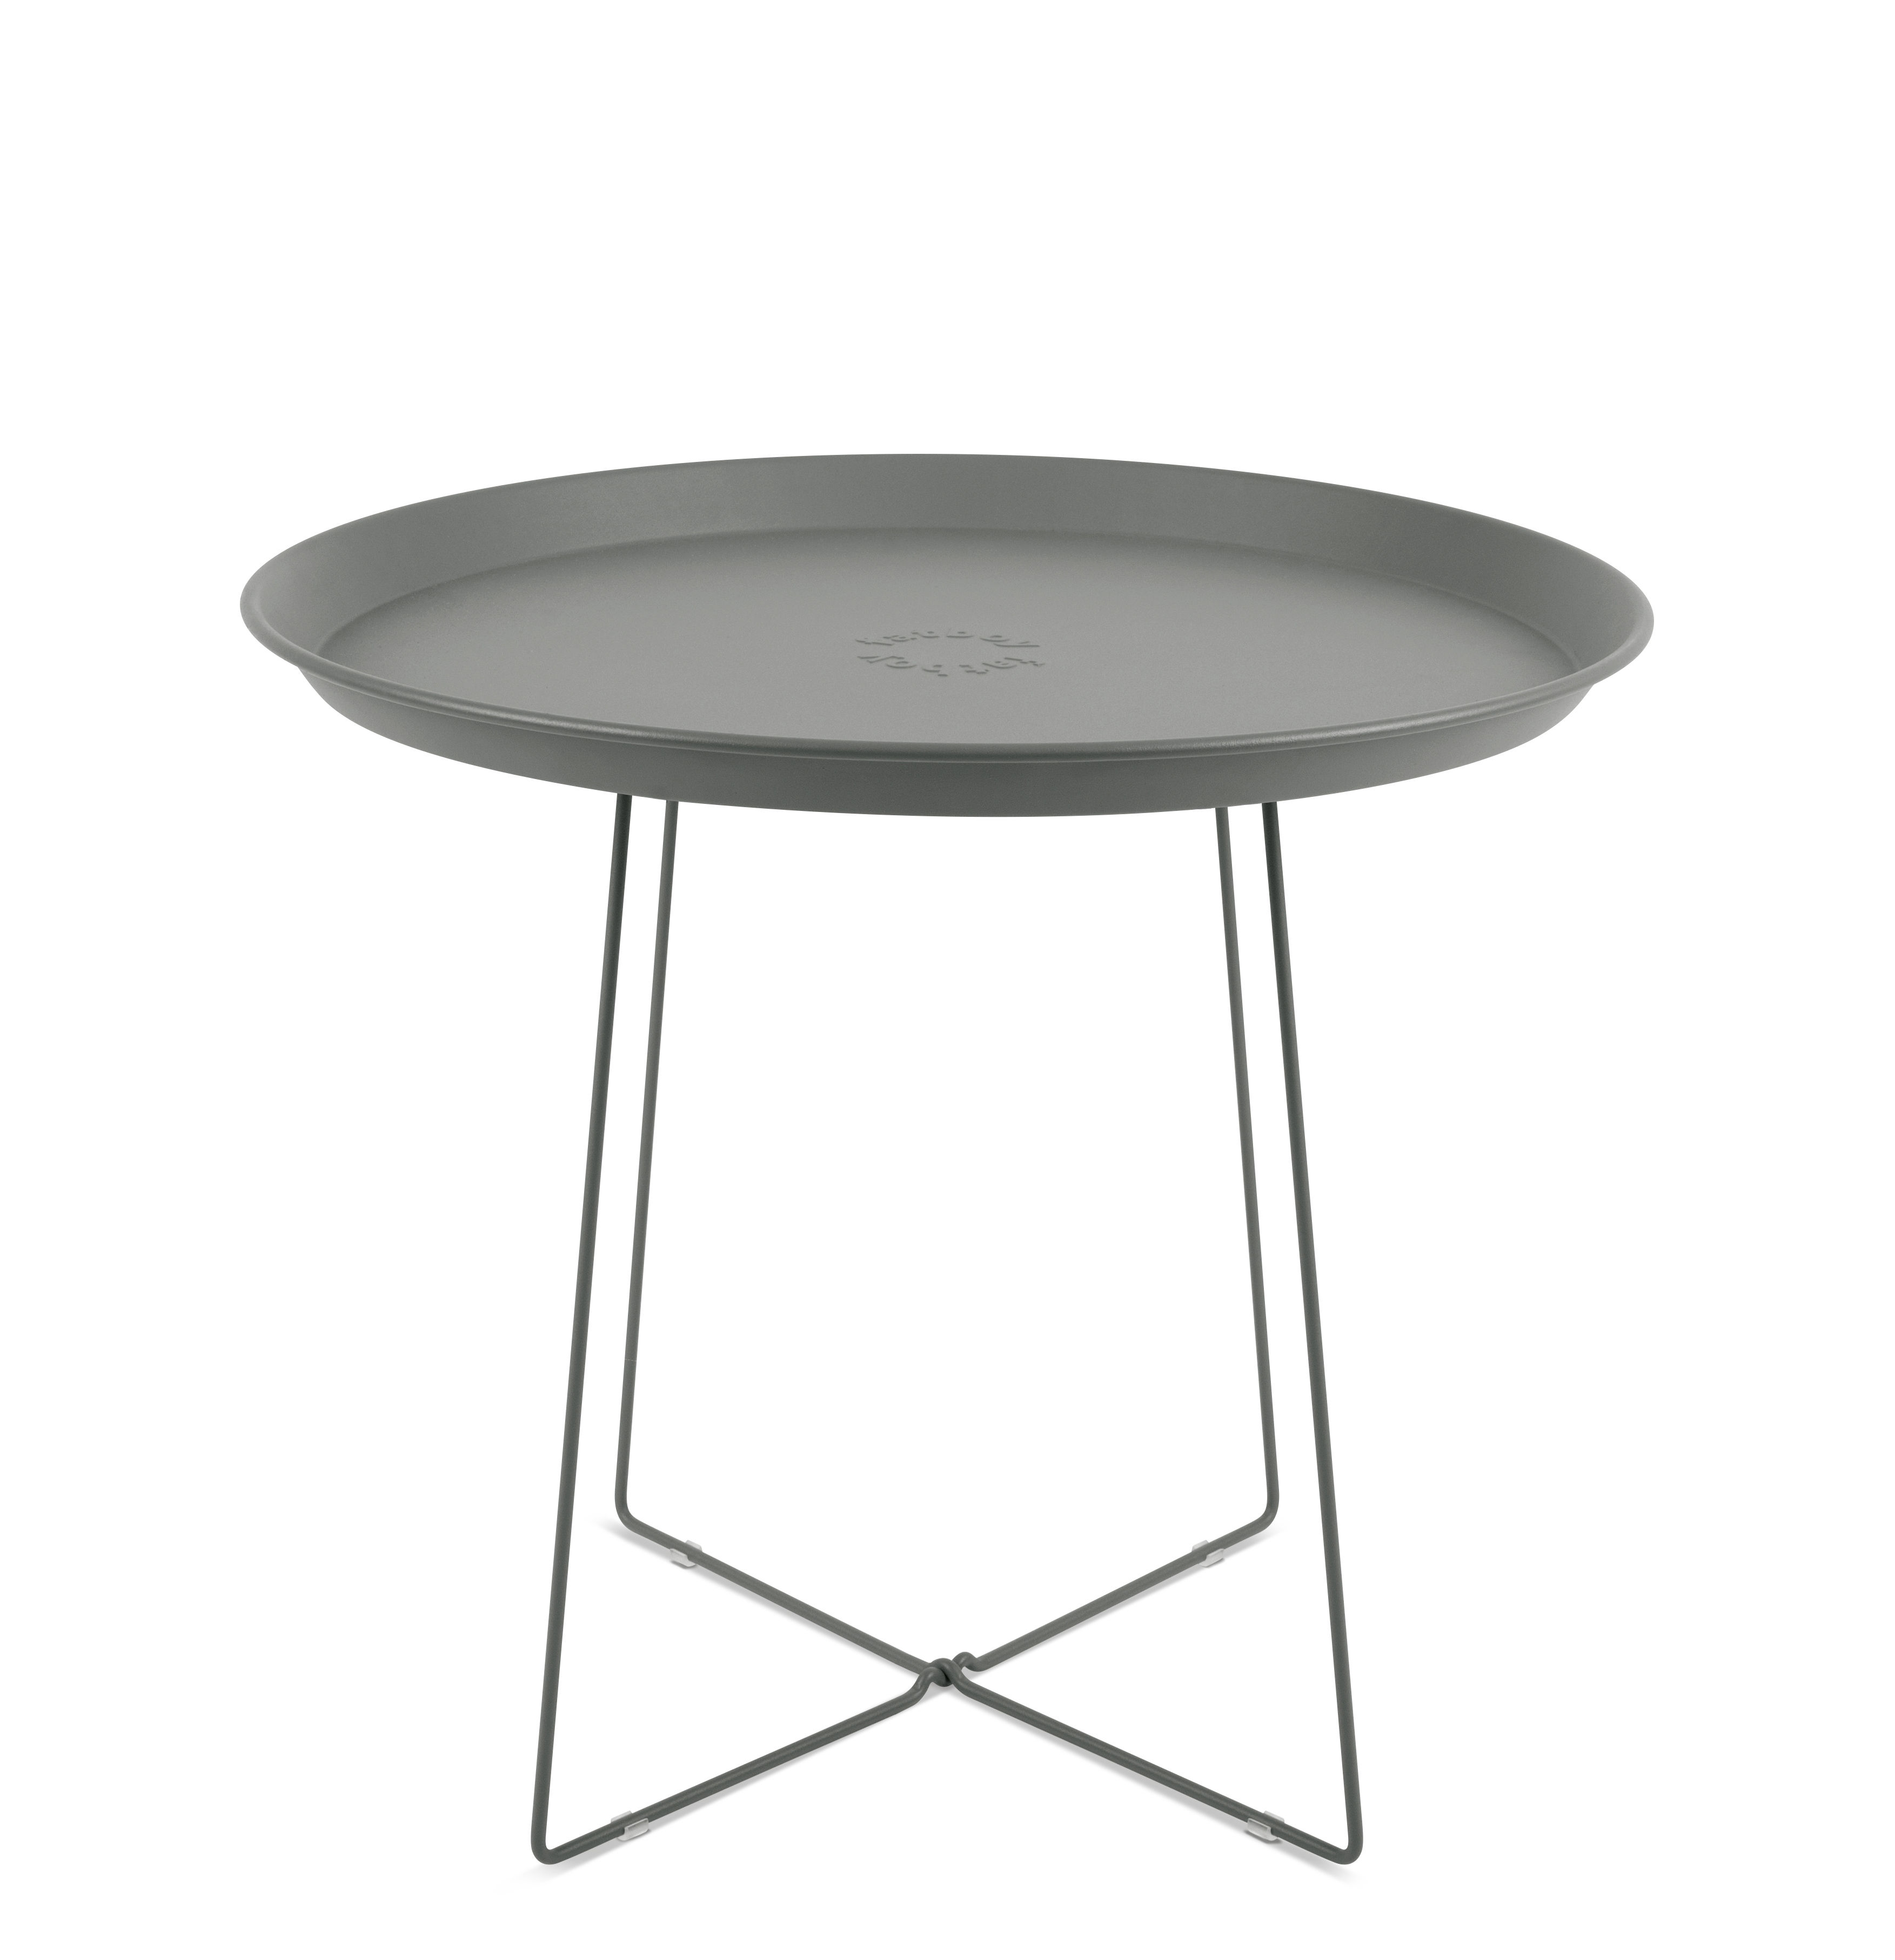 Mobilier - Tables basses - Table basse Plat-o / Plateau amovible - Ø 56 x H 46 cm - Fatboy - Gris - Acier peint